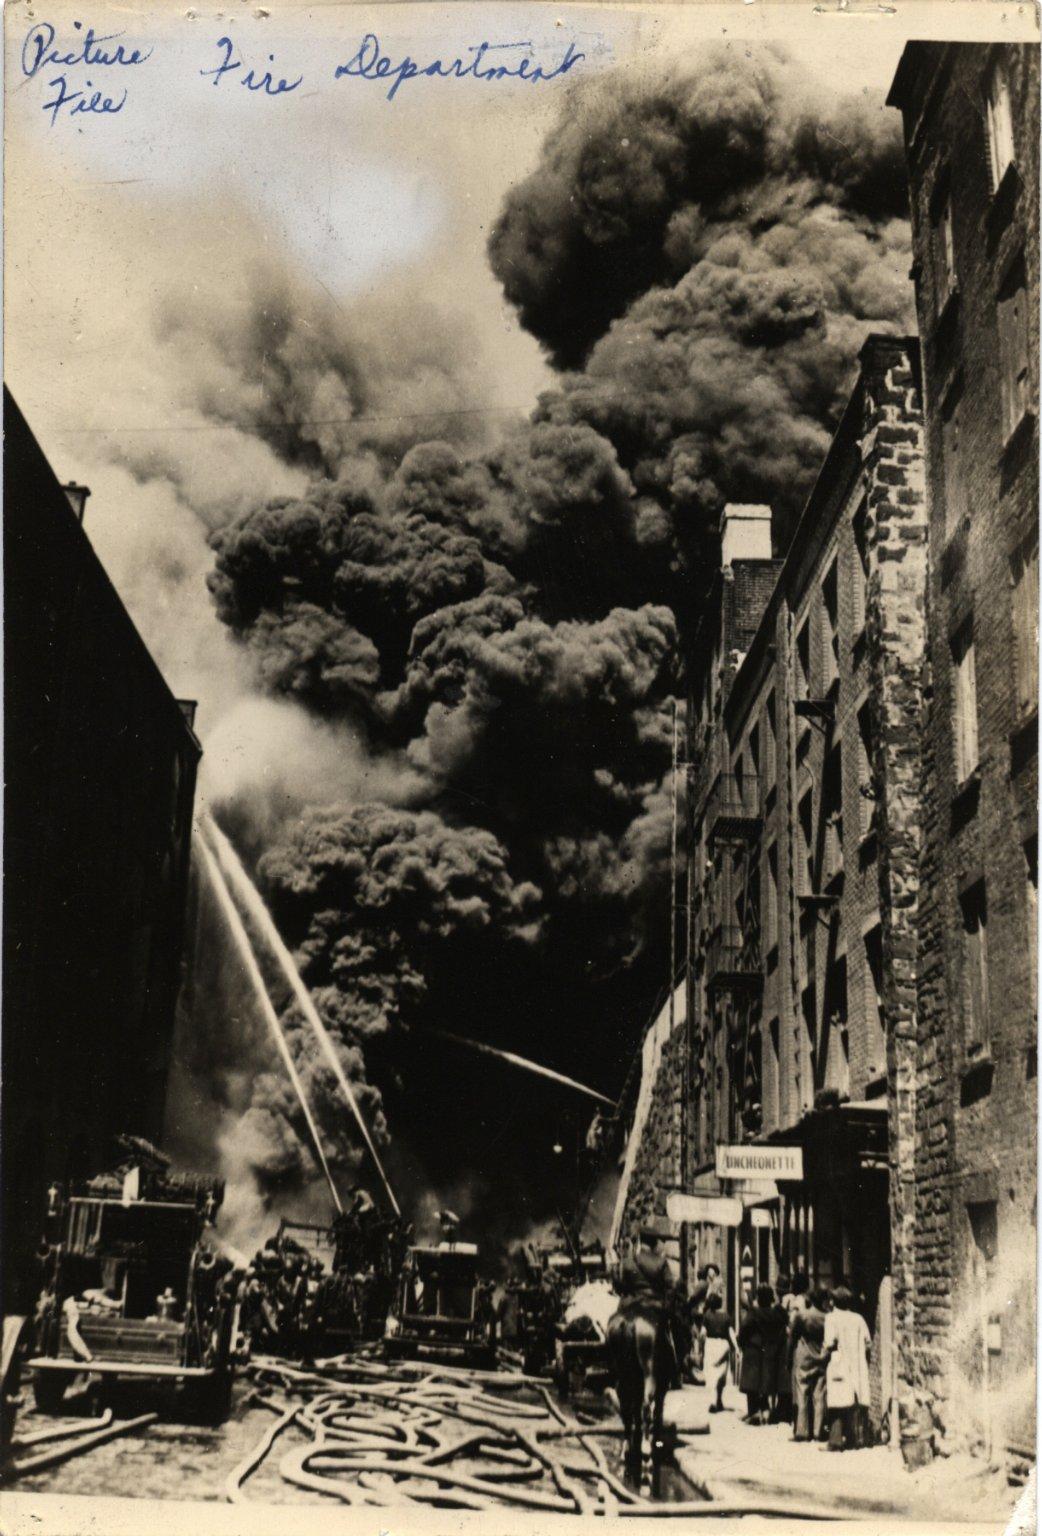 Тушение пожара на складе в Бруклине. Нью-Йорк, США. Начало 20 века